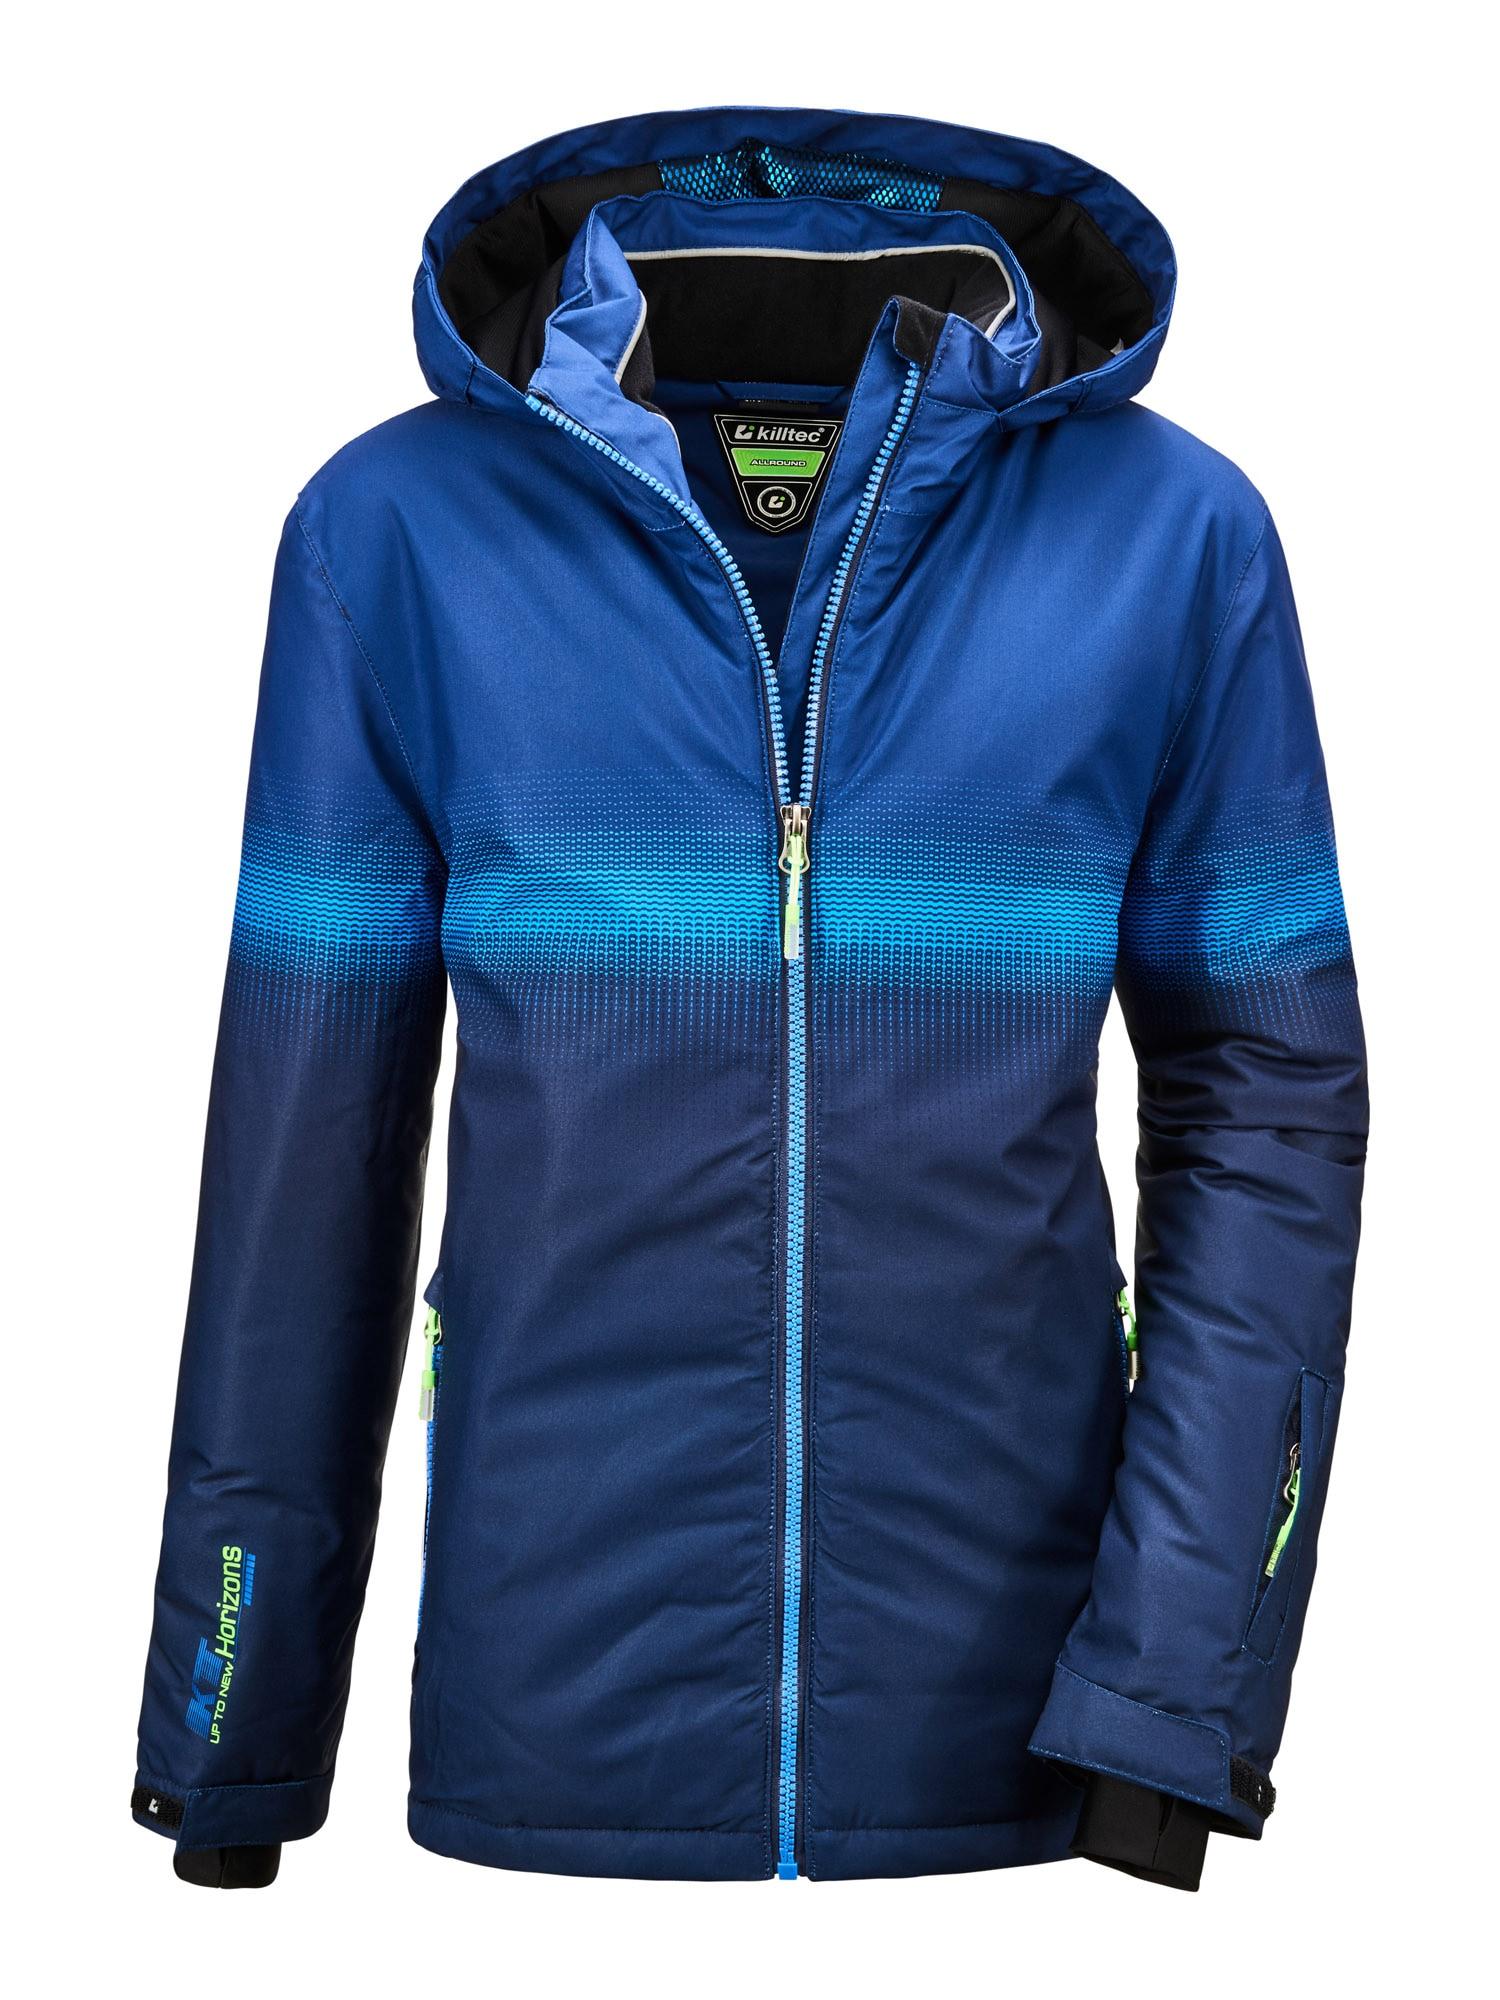 KILLTEC Outdoorová bunda 'Glenshee'  námořnická modř / modrá / světlemodrá / černá